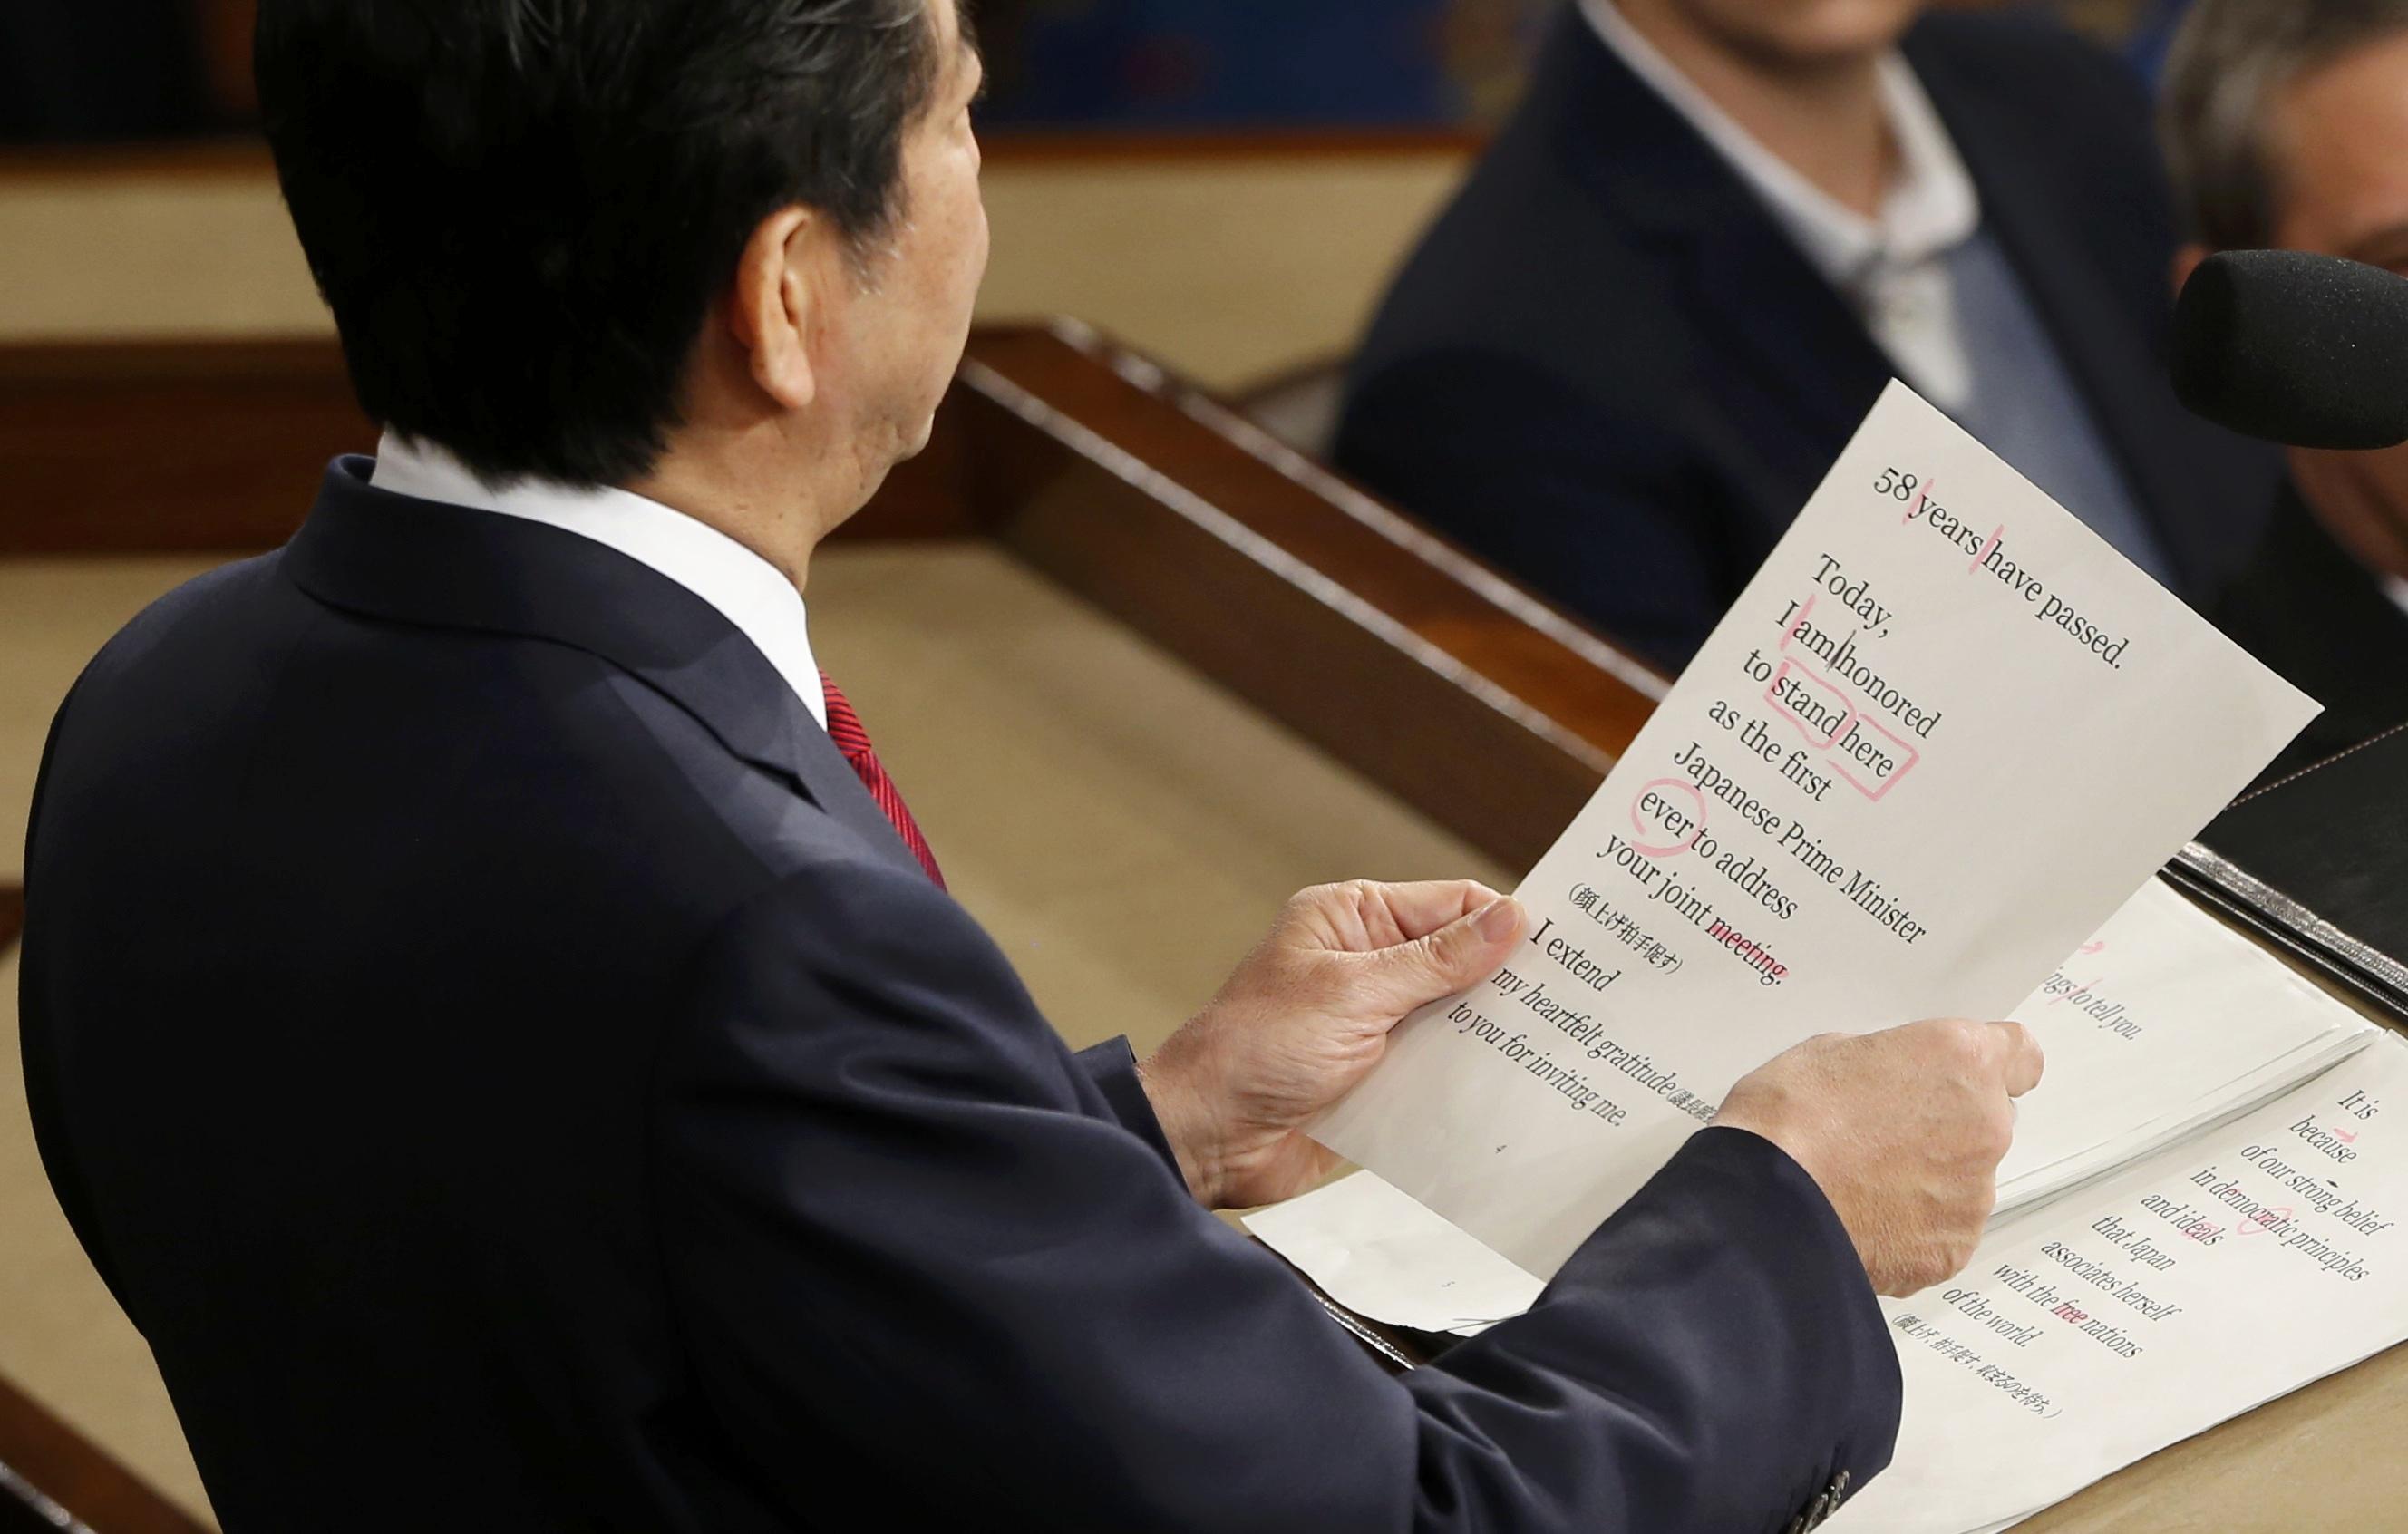 【画像】安倍ちゃんが米国議会演説で読んだカンペwwwwwwwwww